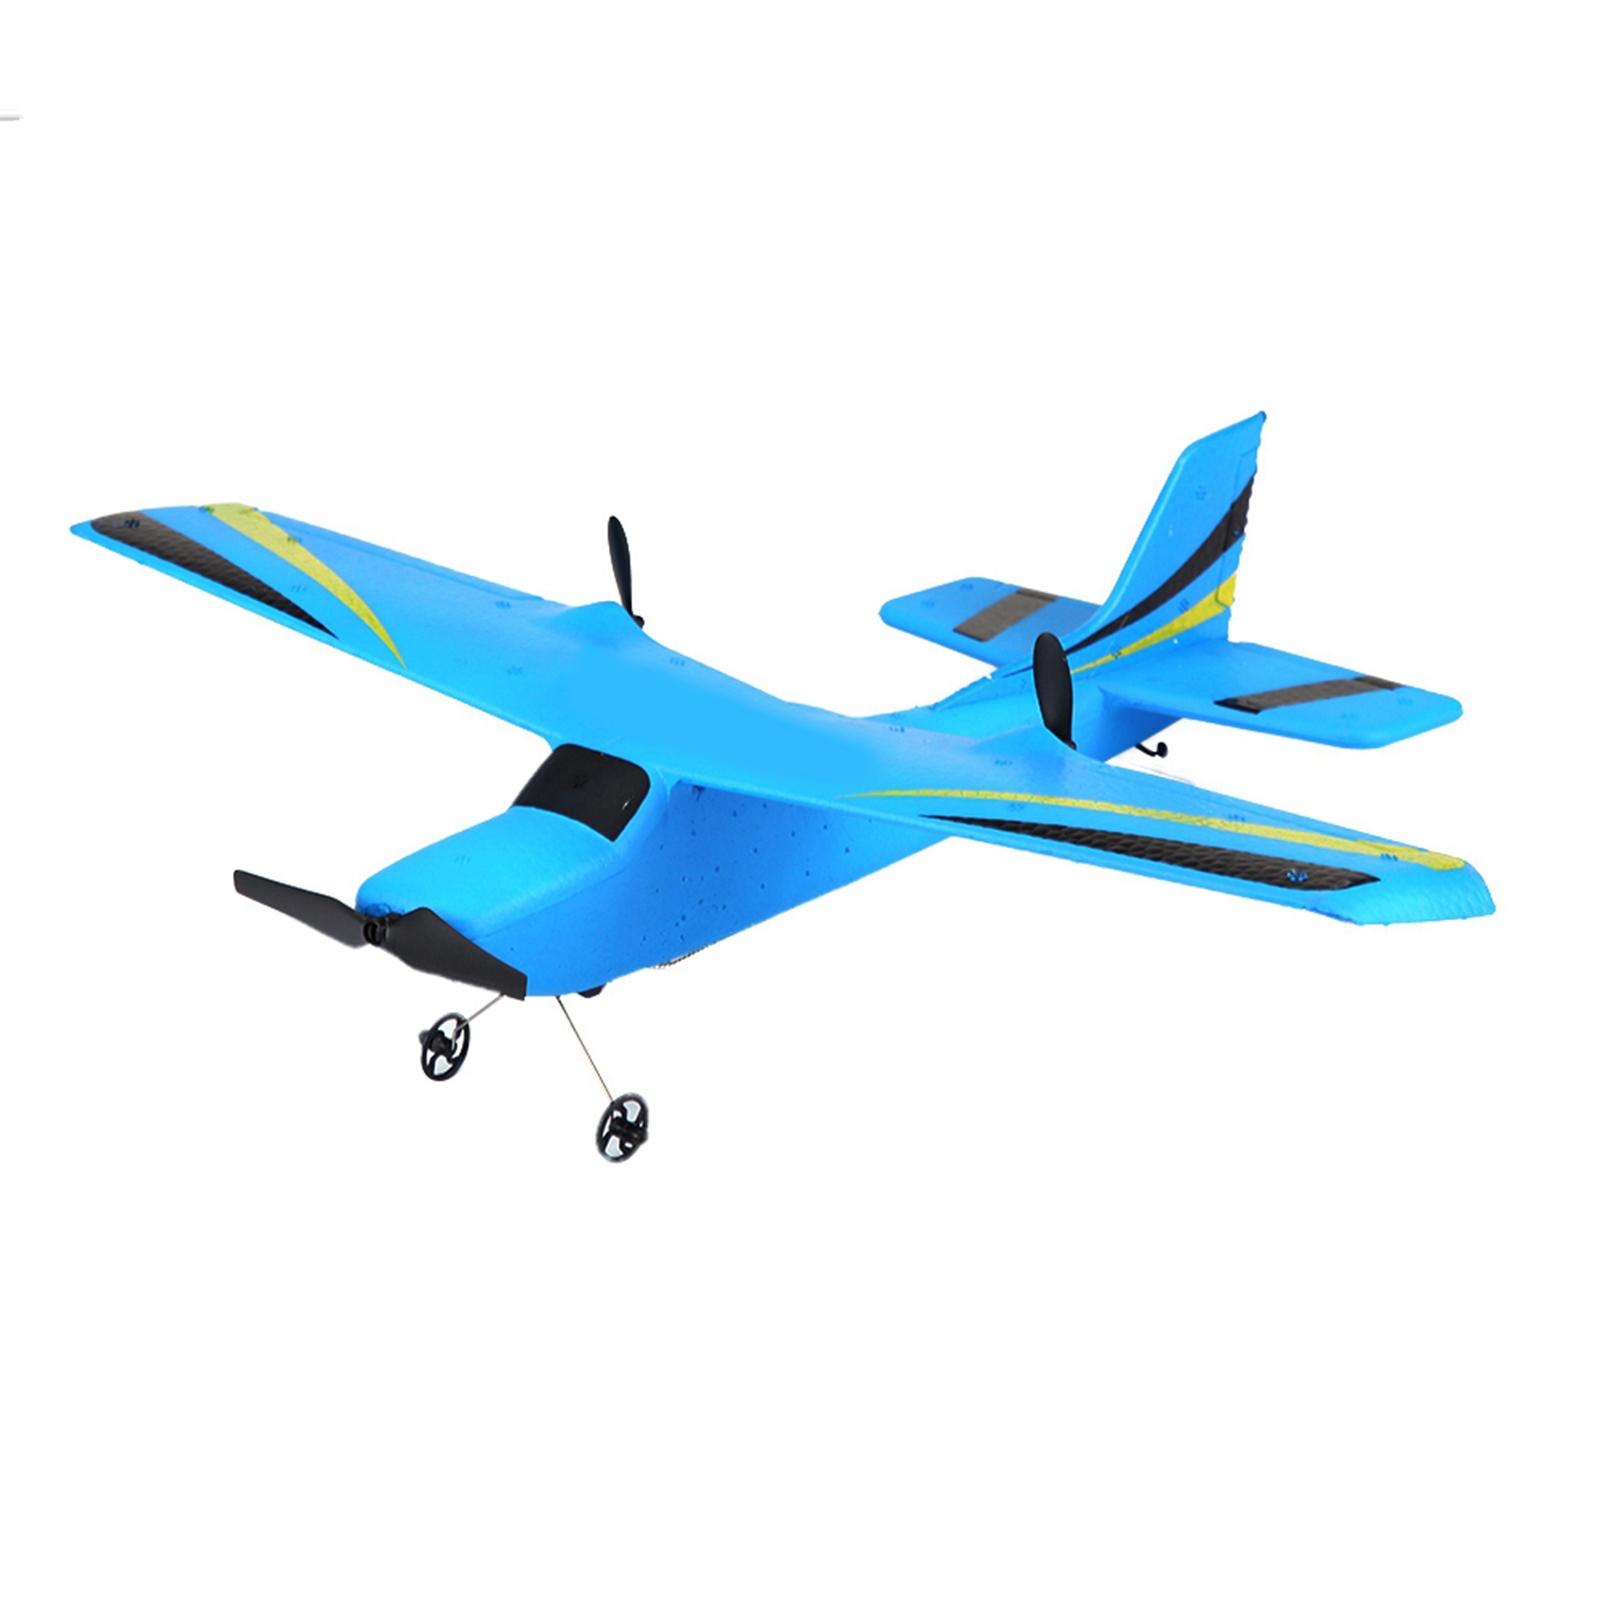 miniatura 17 - 2.4G ZC-Z50 Telecomando Aereo Aliante EPP ala fissa modello di velivolo radiocomandato giocattolo